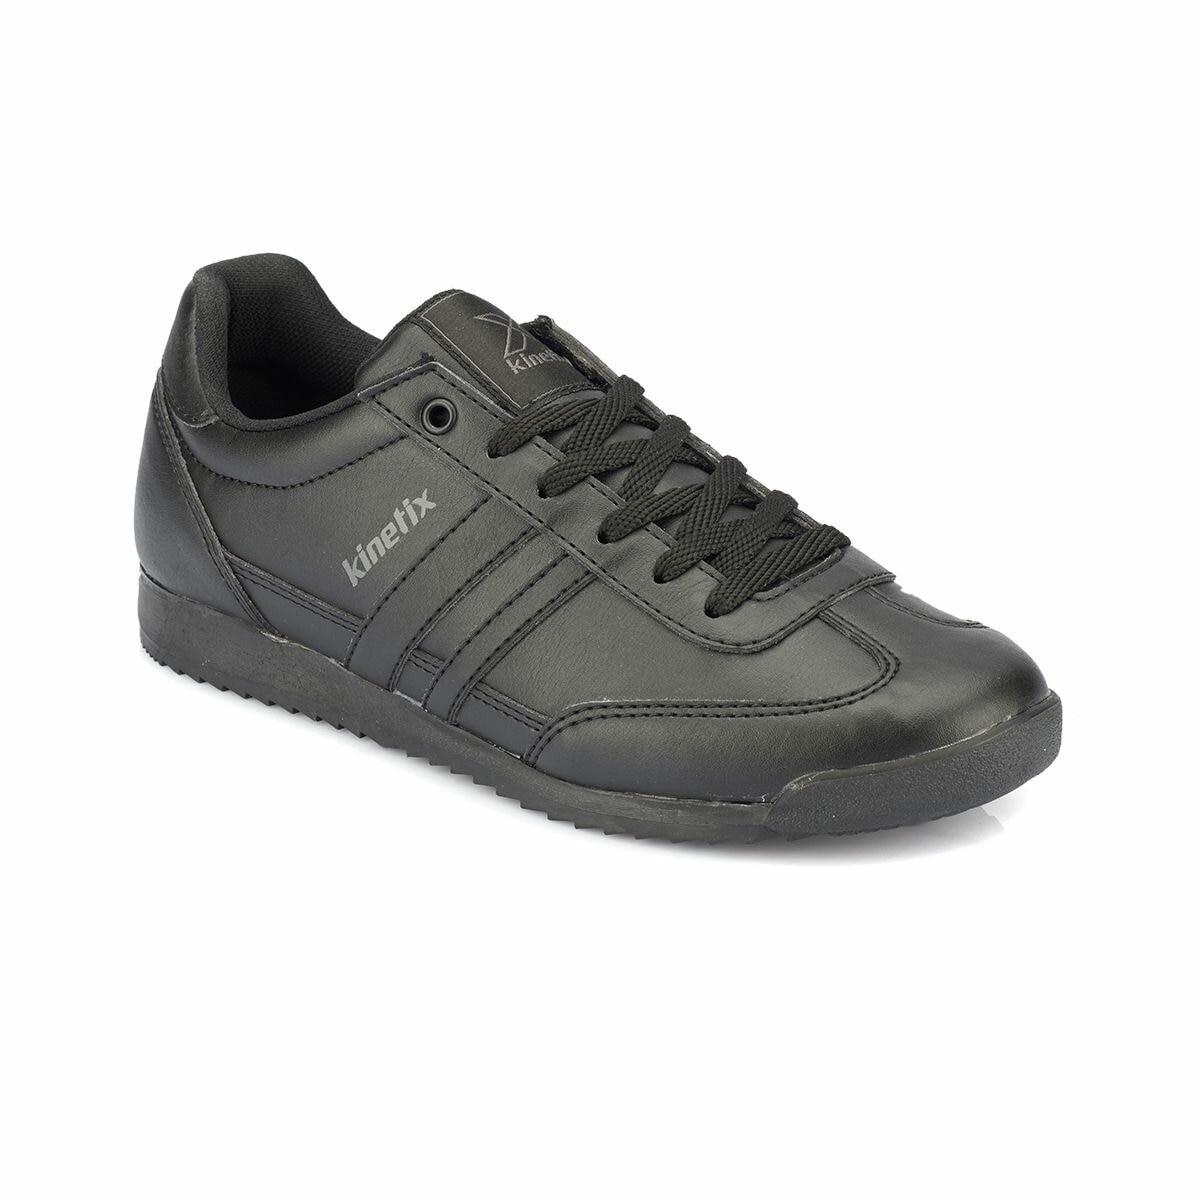 FLO HALLEY PU W Black Women 'S Sneaker Shoes KINETIX